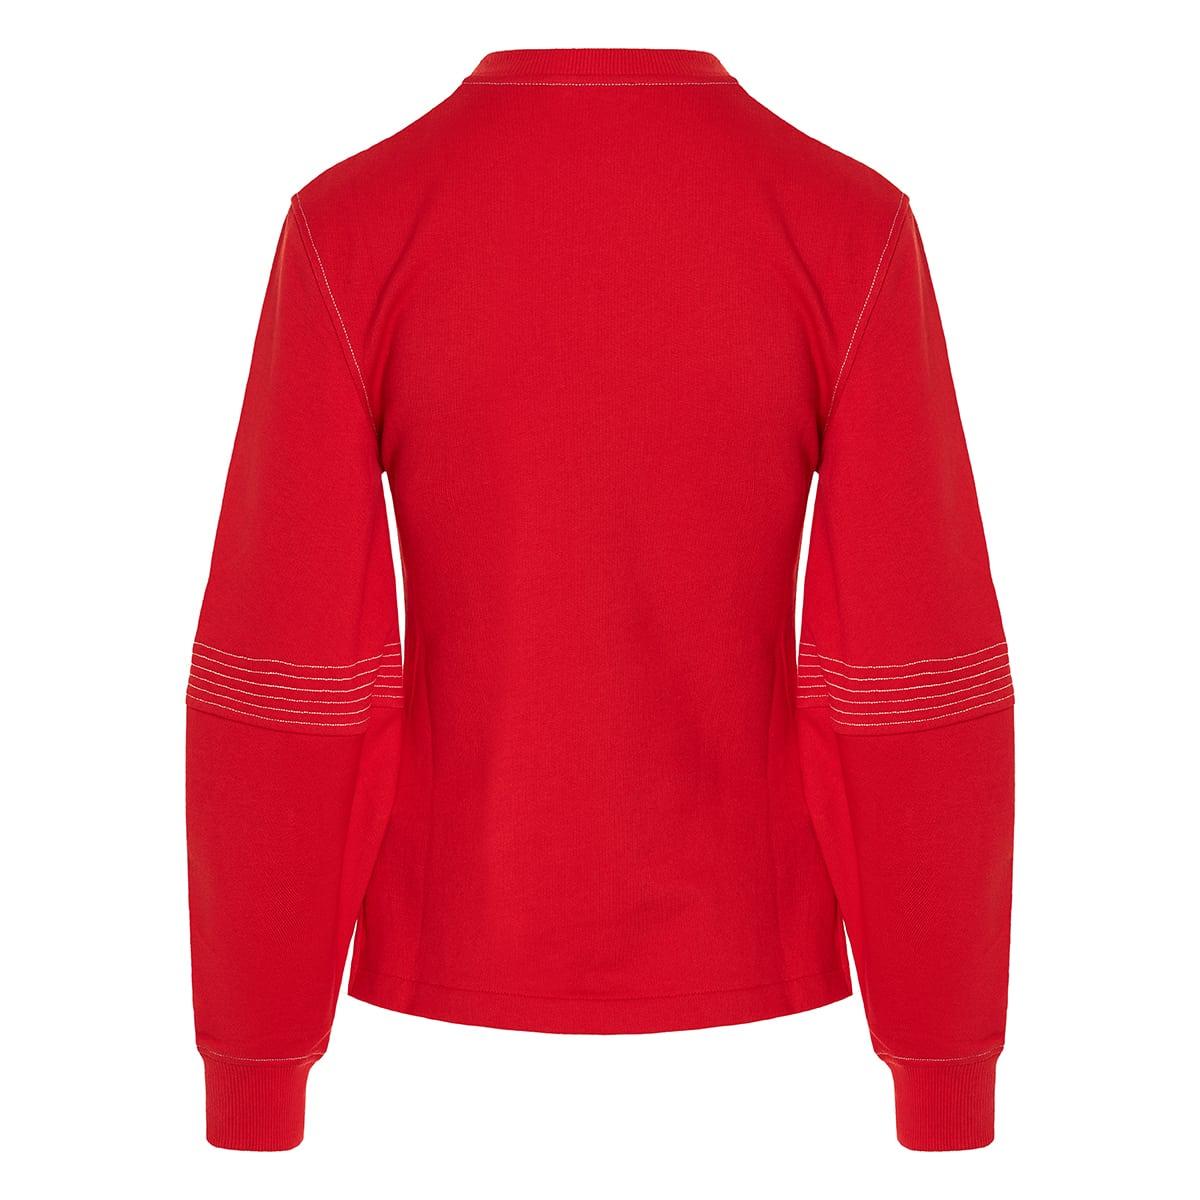 Balloon-sleeved cotton sweatshirt